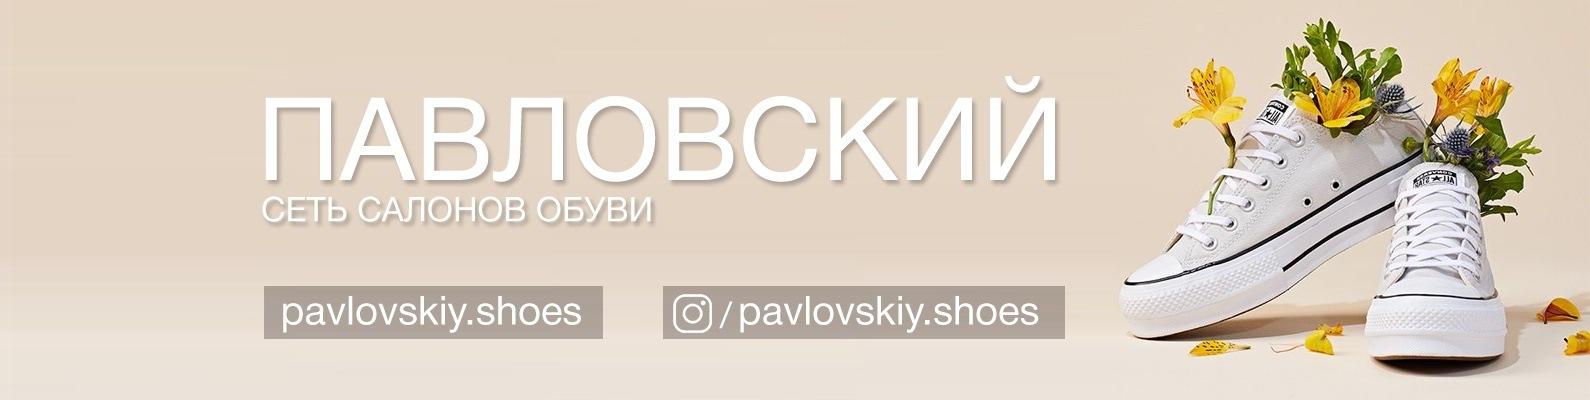 e8ba08f90 Павловский | Cеть салонов обуви | ВКонтакте